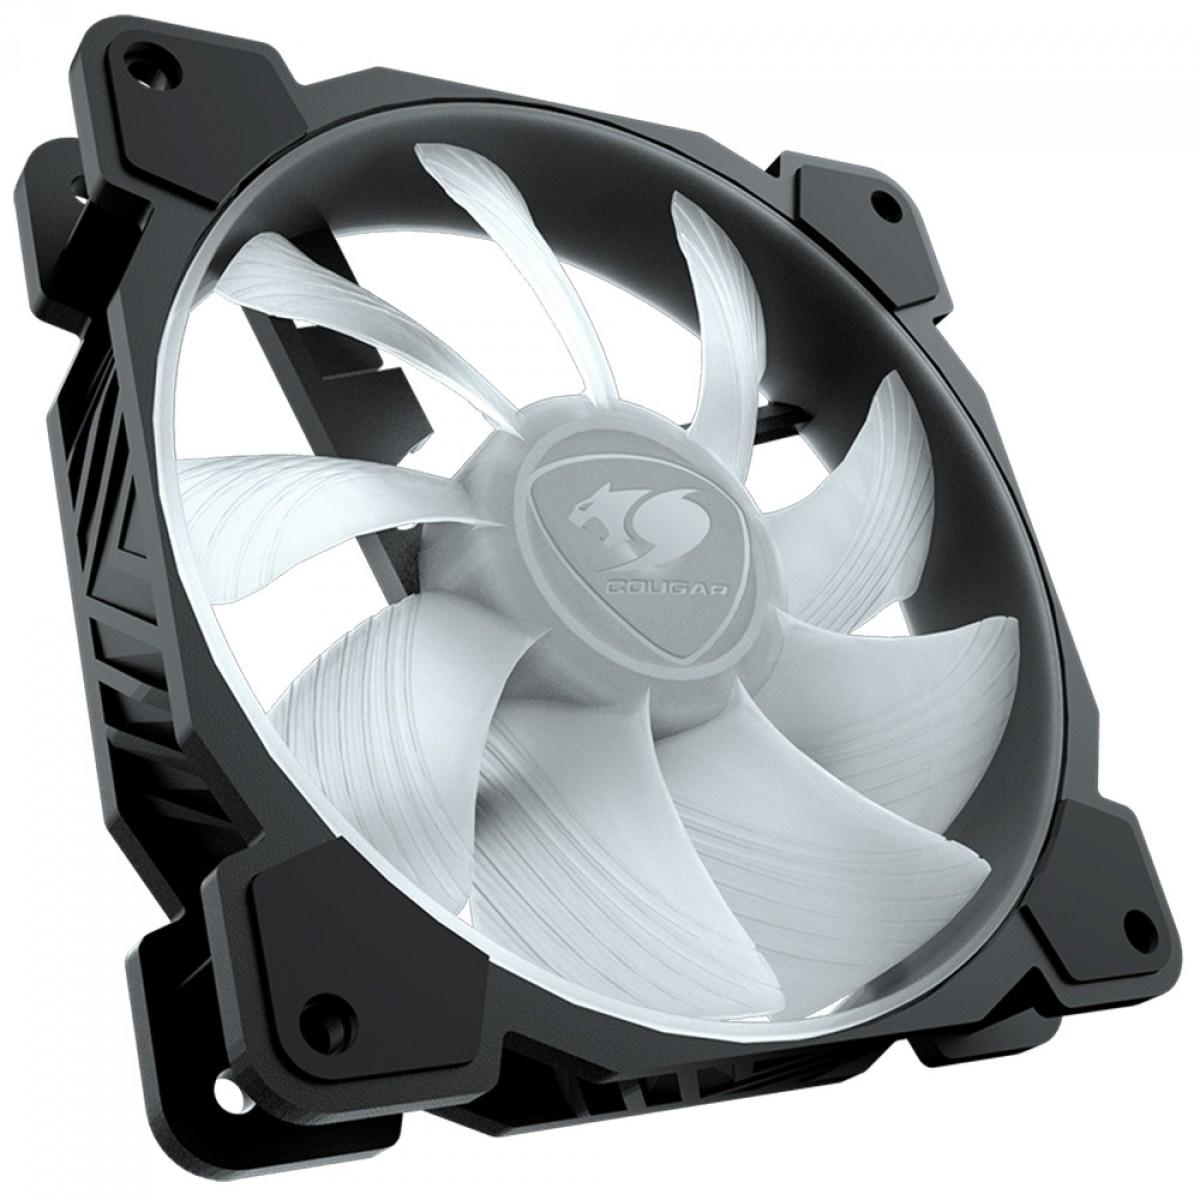 Water Cooler Cougar Aqua ARGB, 360mm, Intel-AMD, CGR-AQUA ARGB 360